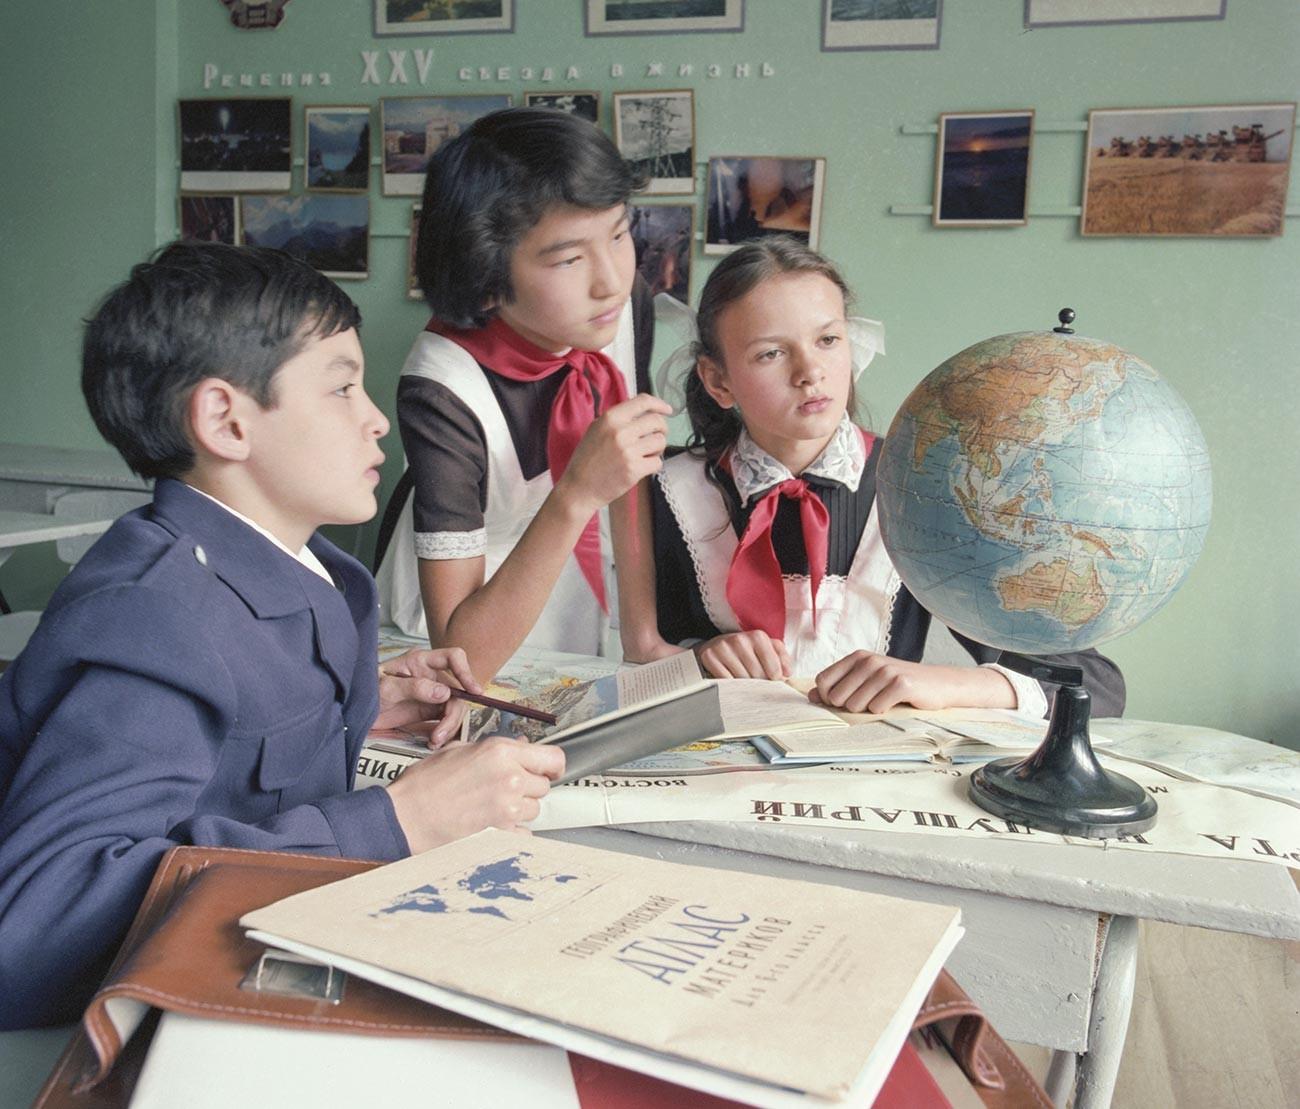 Studenti ad Almaty, nella Repubblica Socialista Sovietica Kazaka